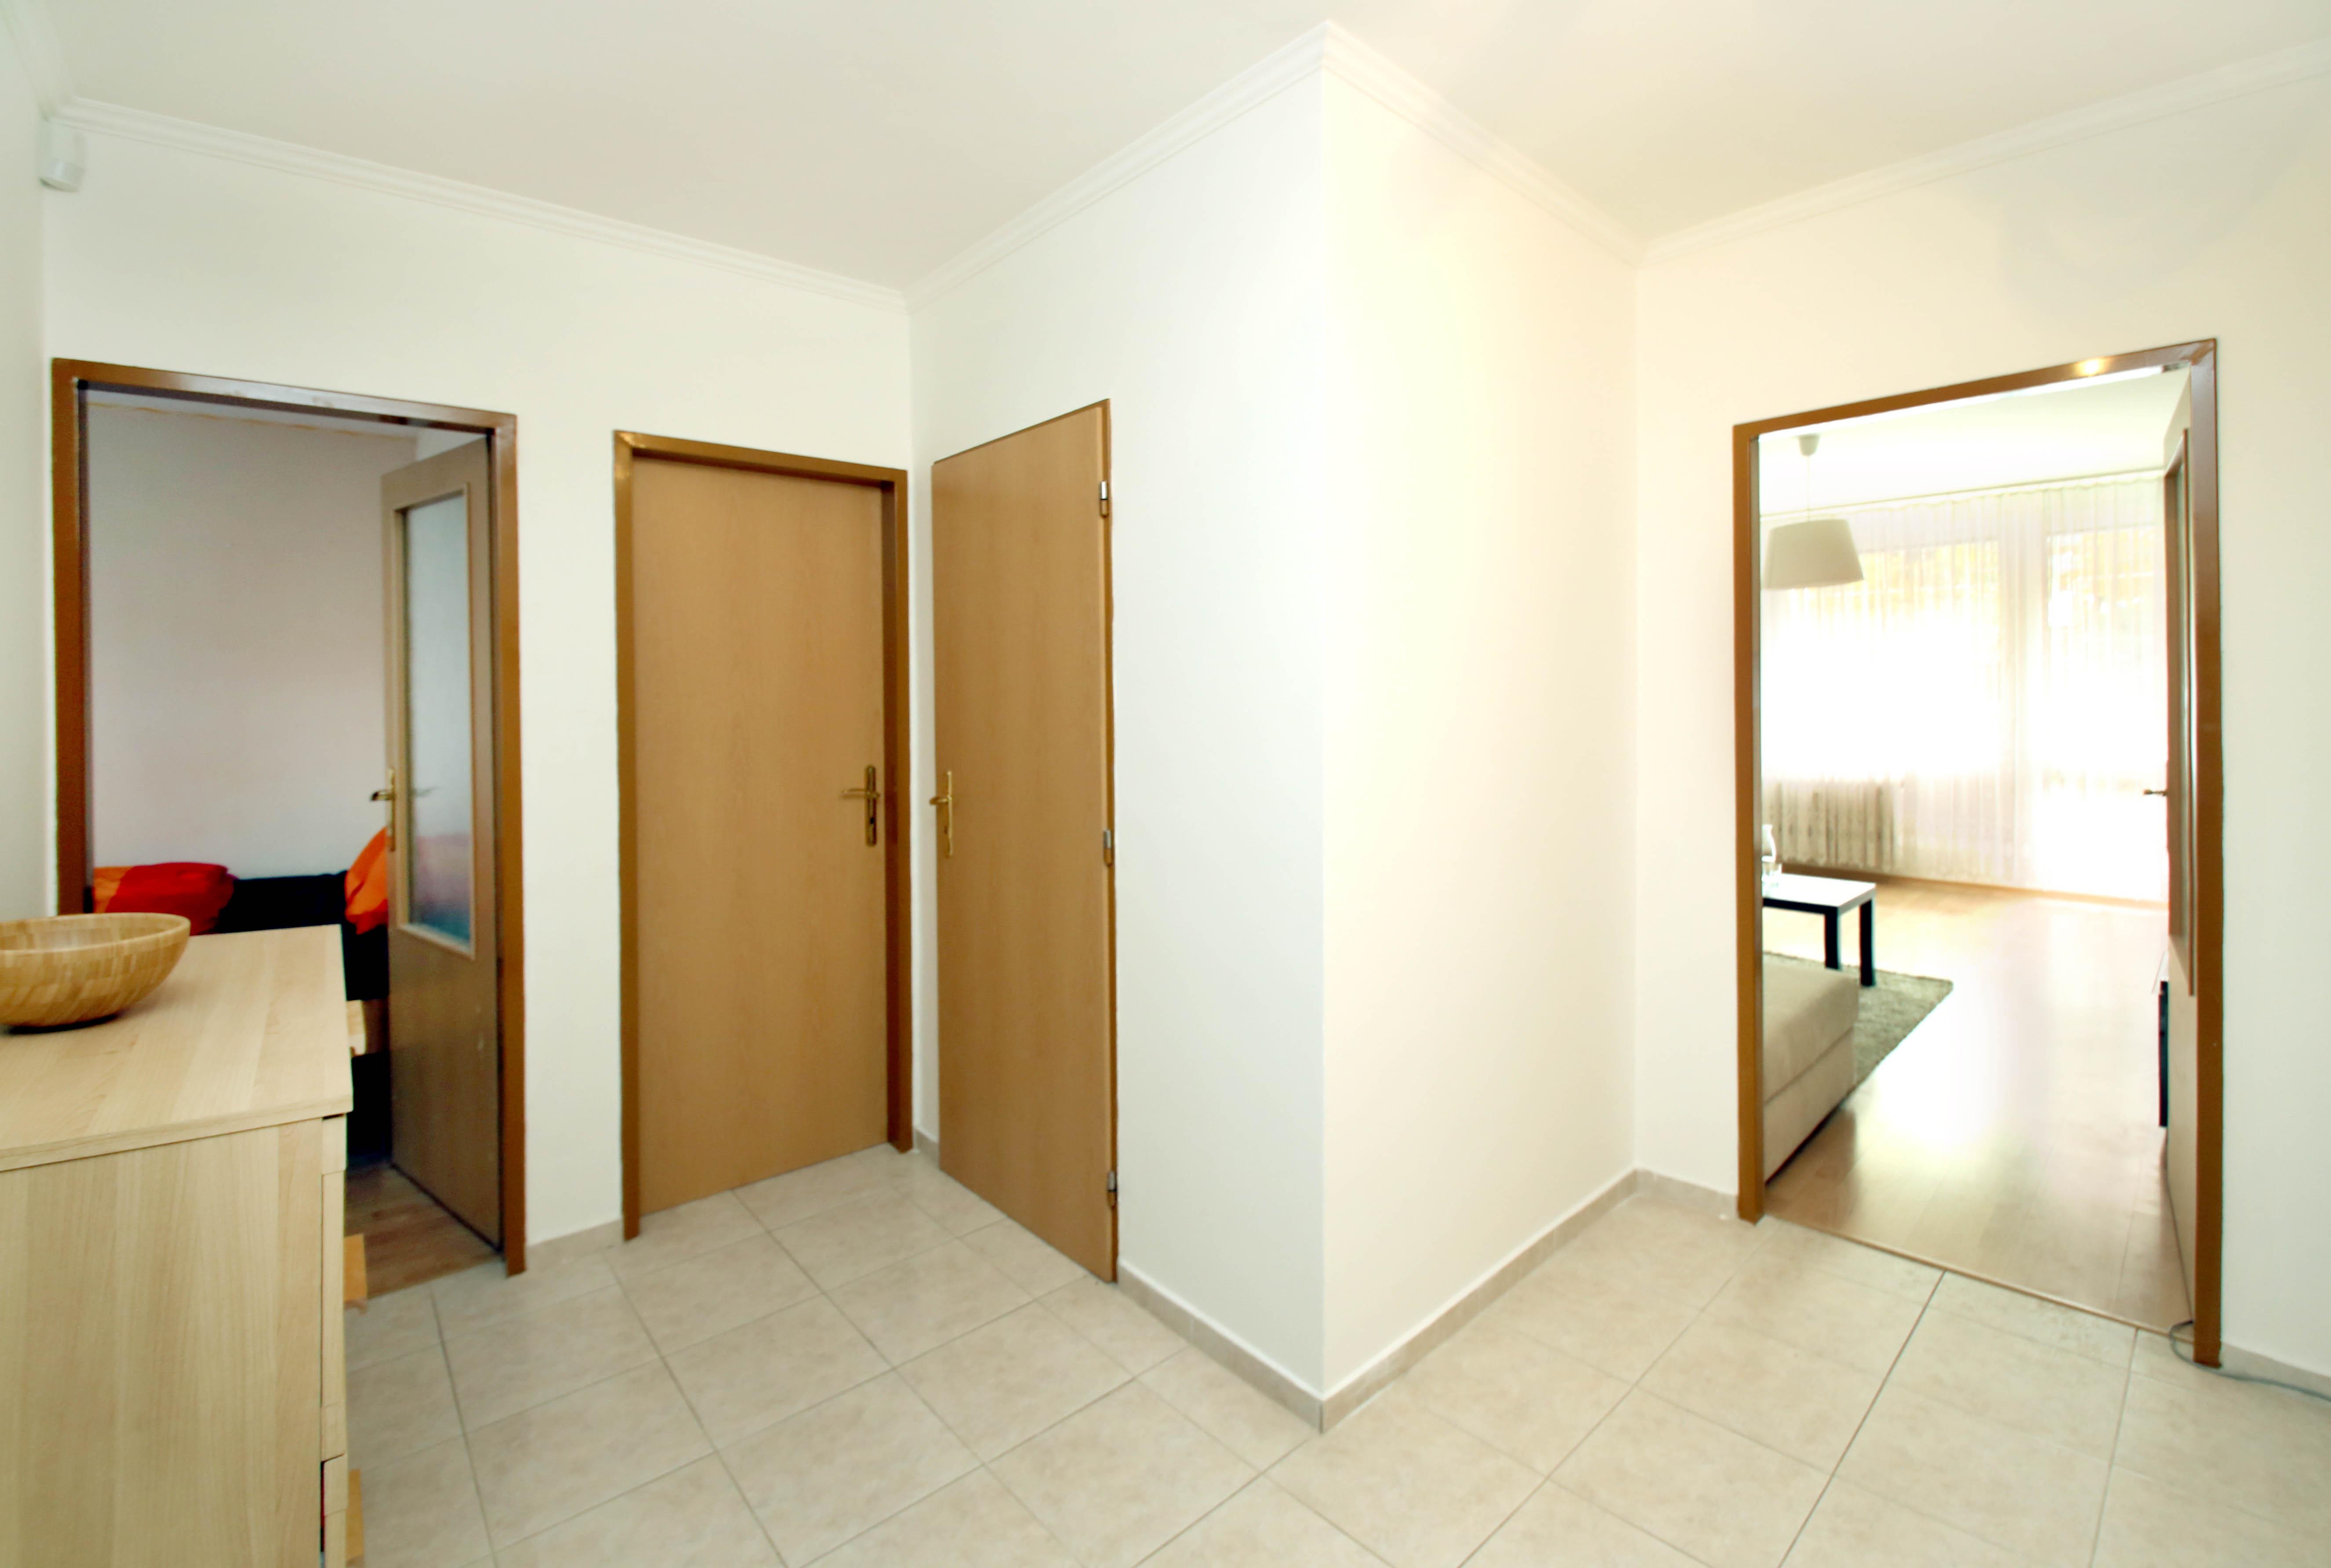 Homestaging nemovitosti